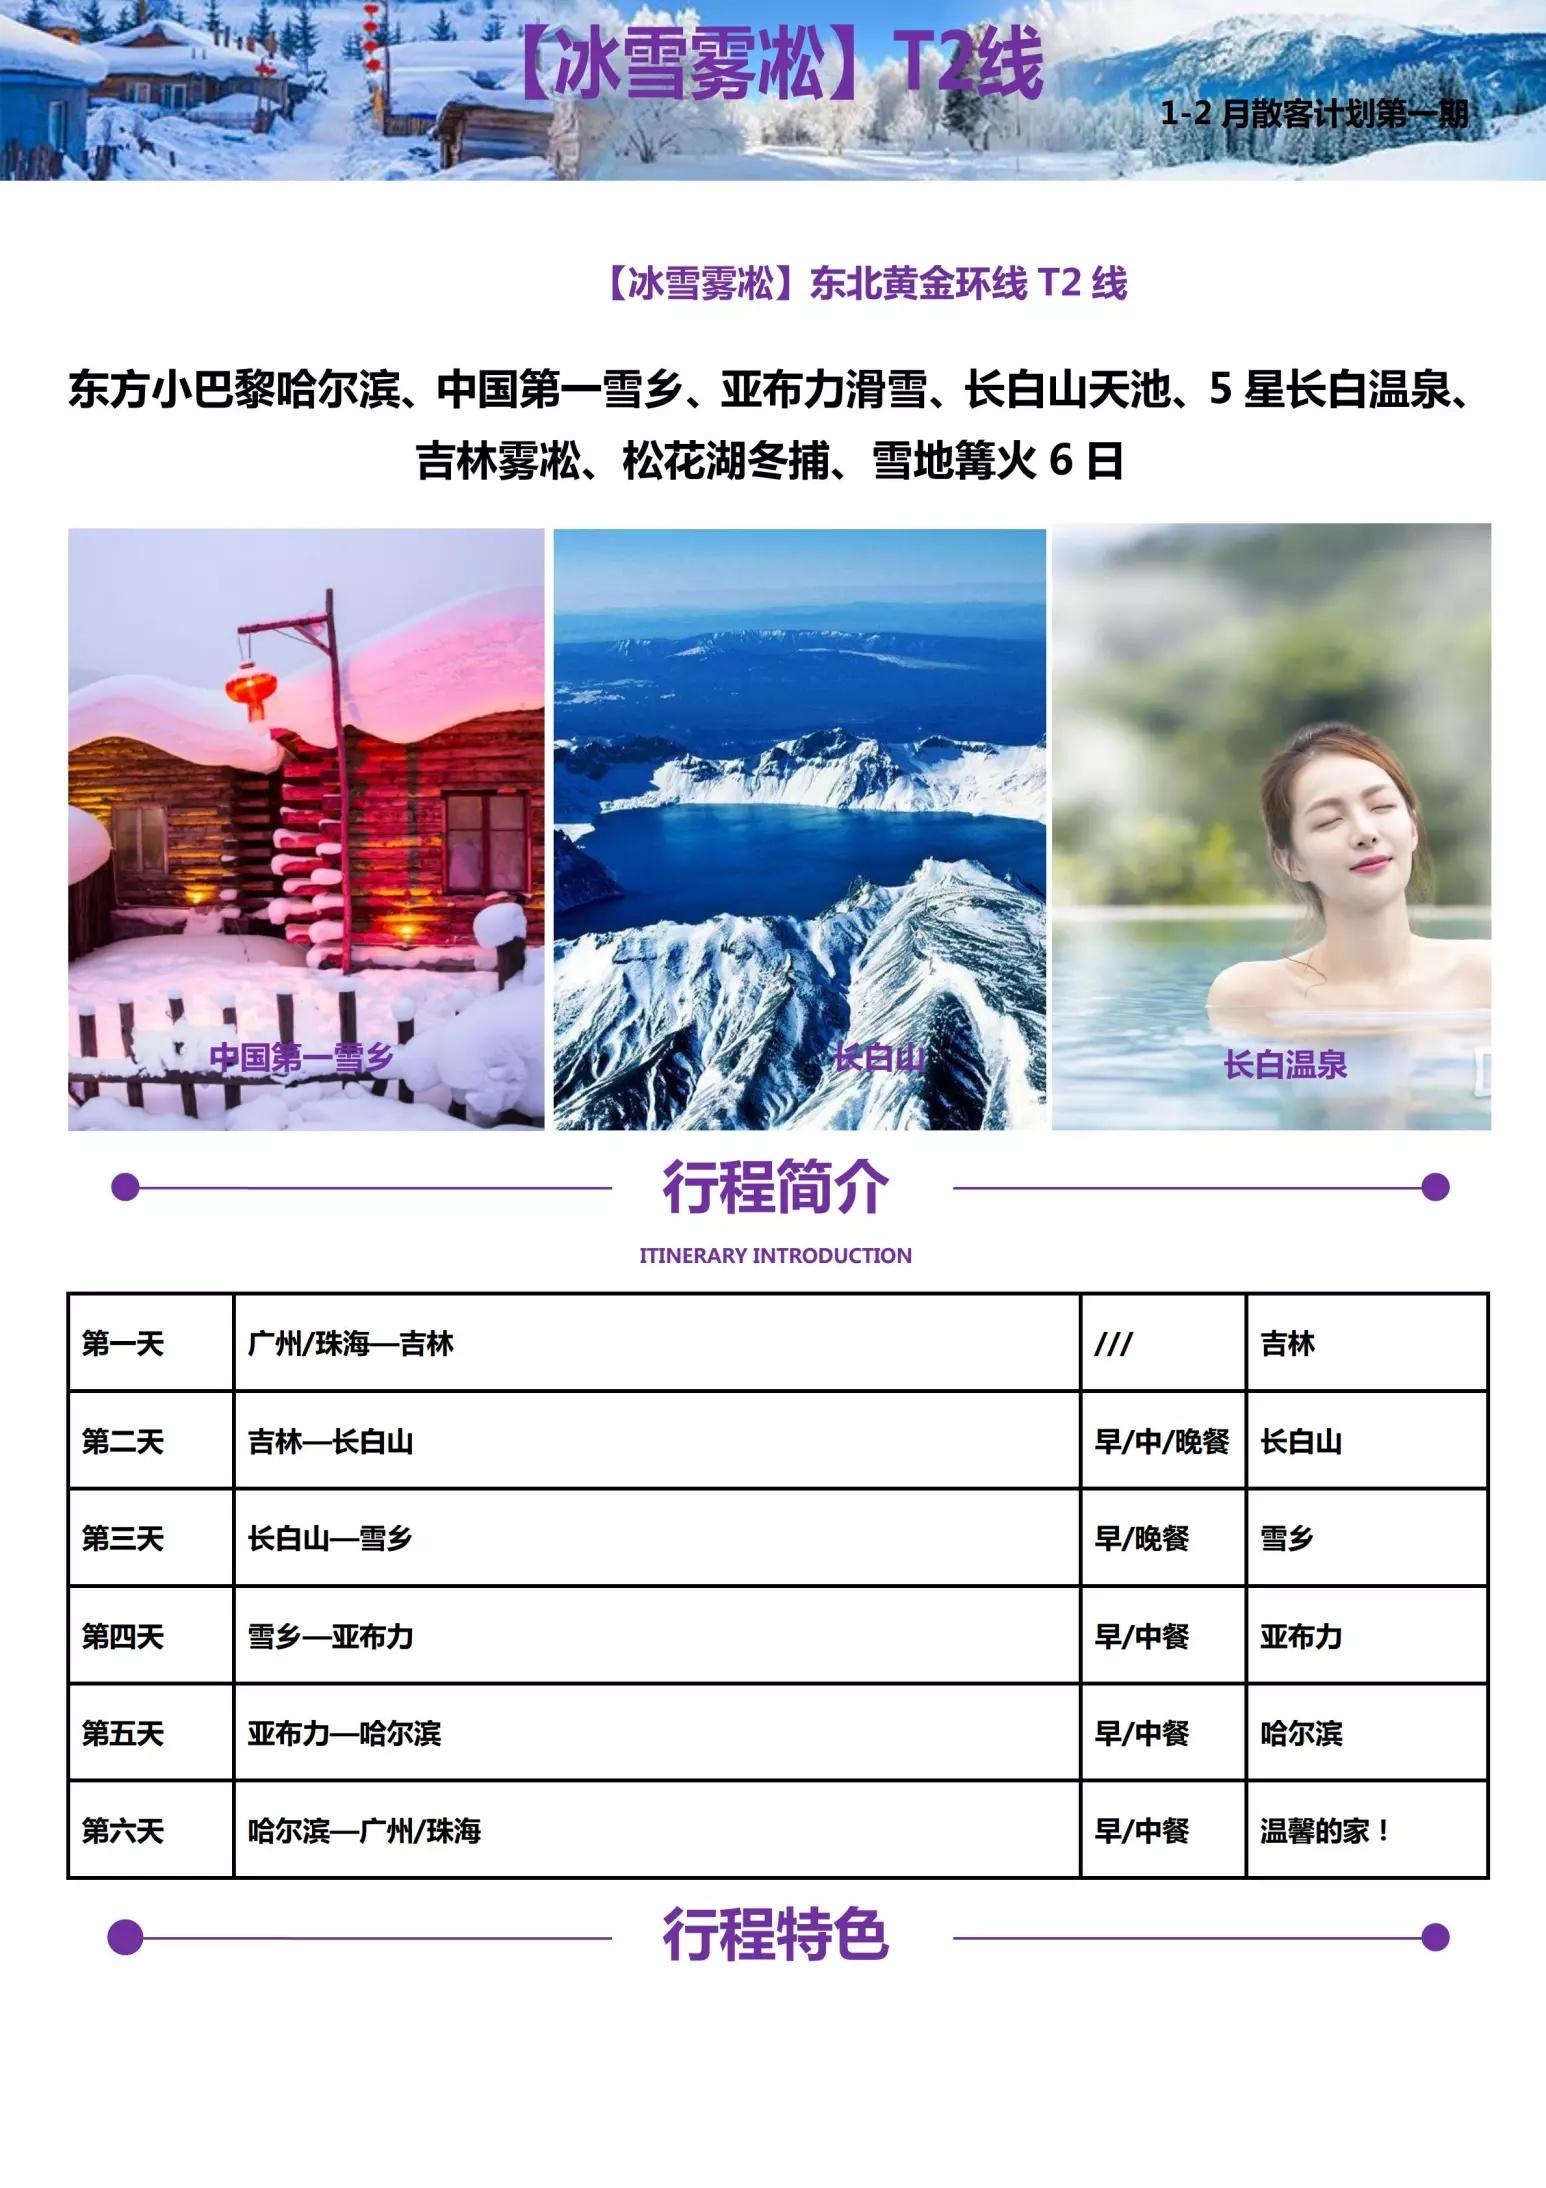 冰雪雾凇】东北黄金环线T2线 东方小巴黎,哈尔滨,中国第一雪乡,亚布力滑雪、长白山天池、双飞6日